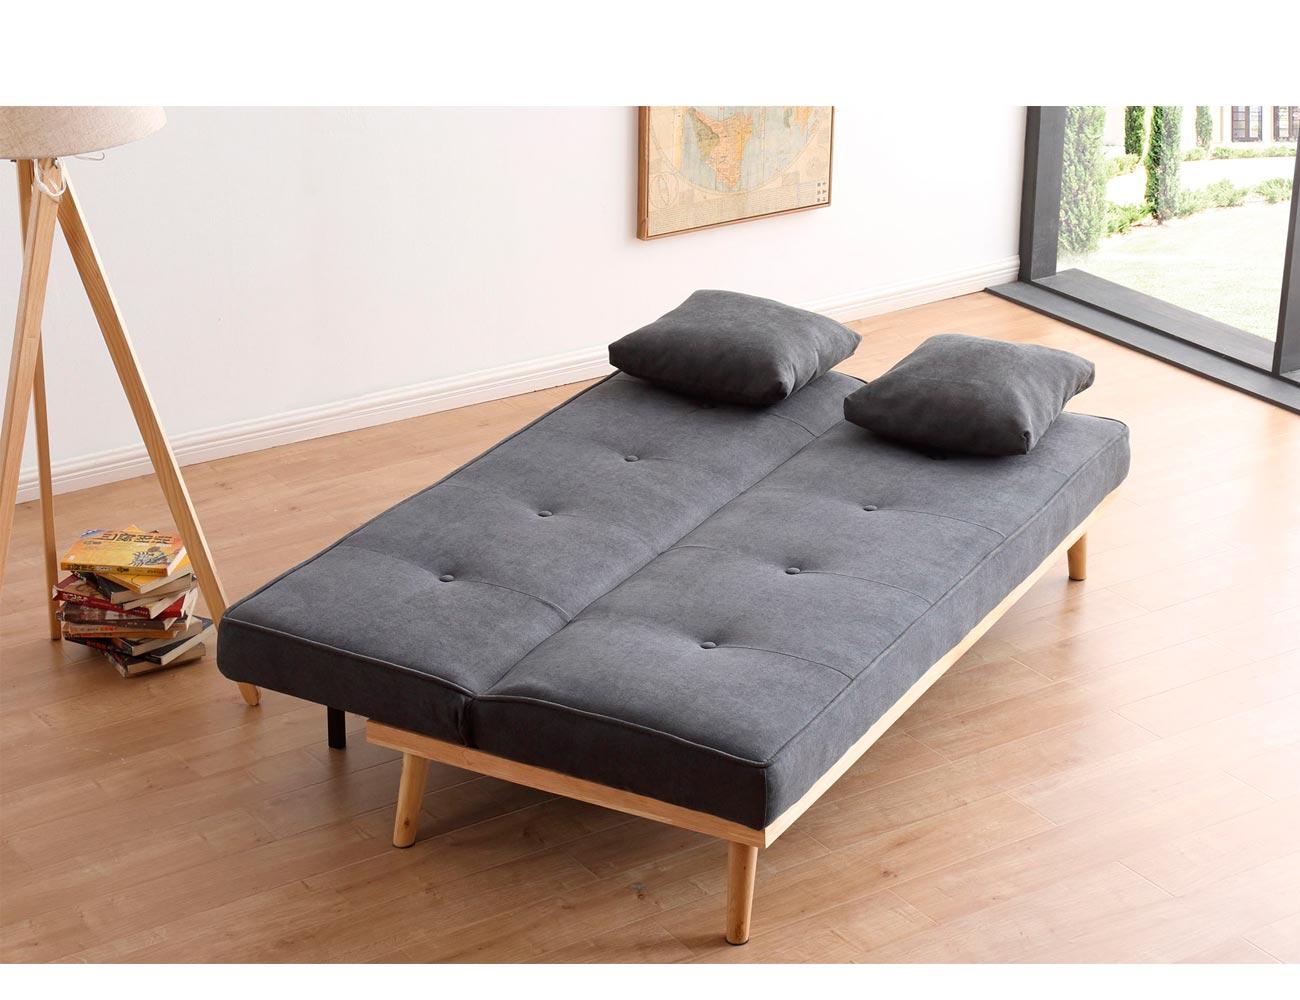 Sofa cama clic clac gris 21